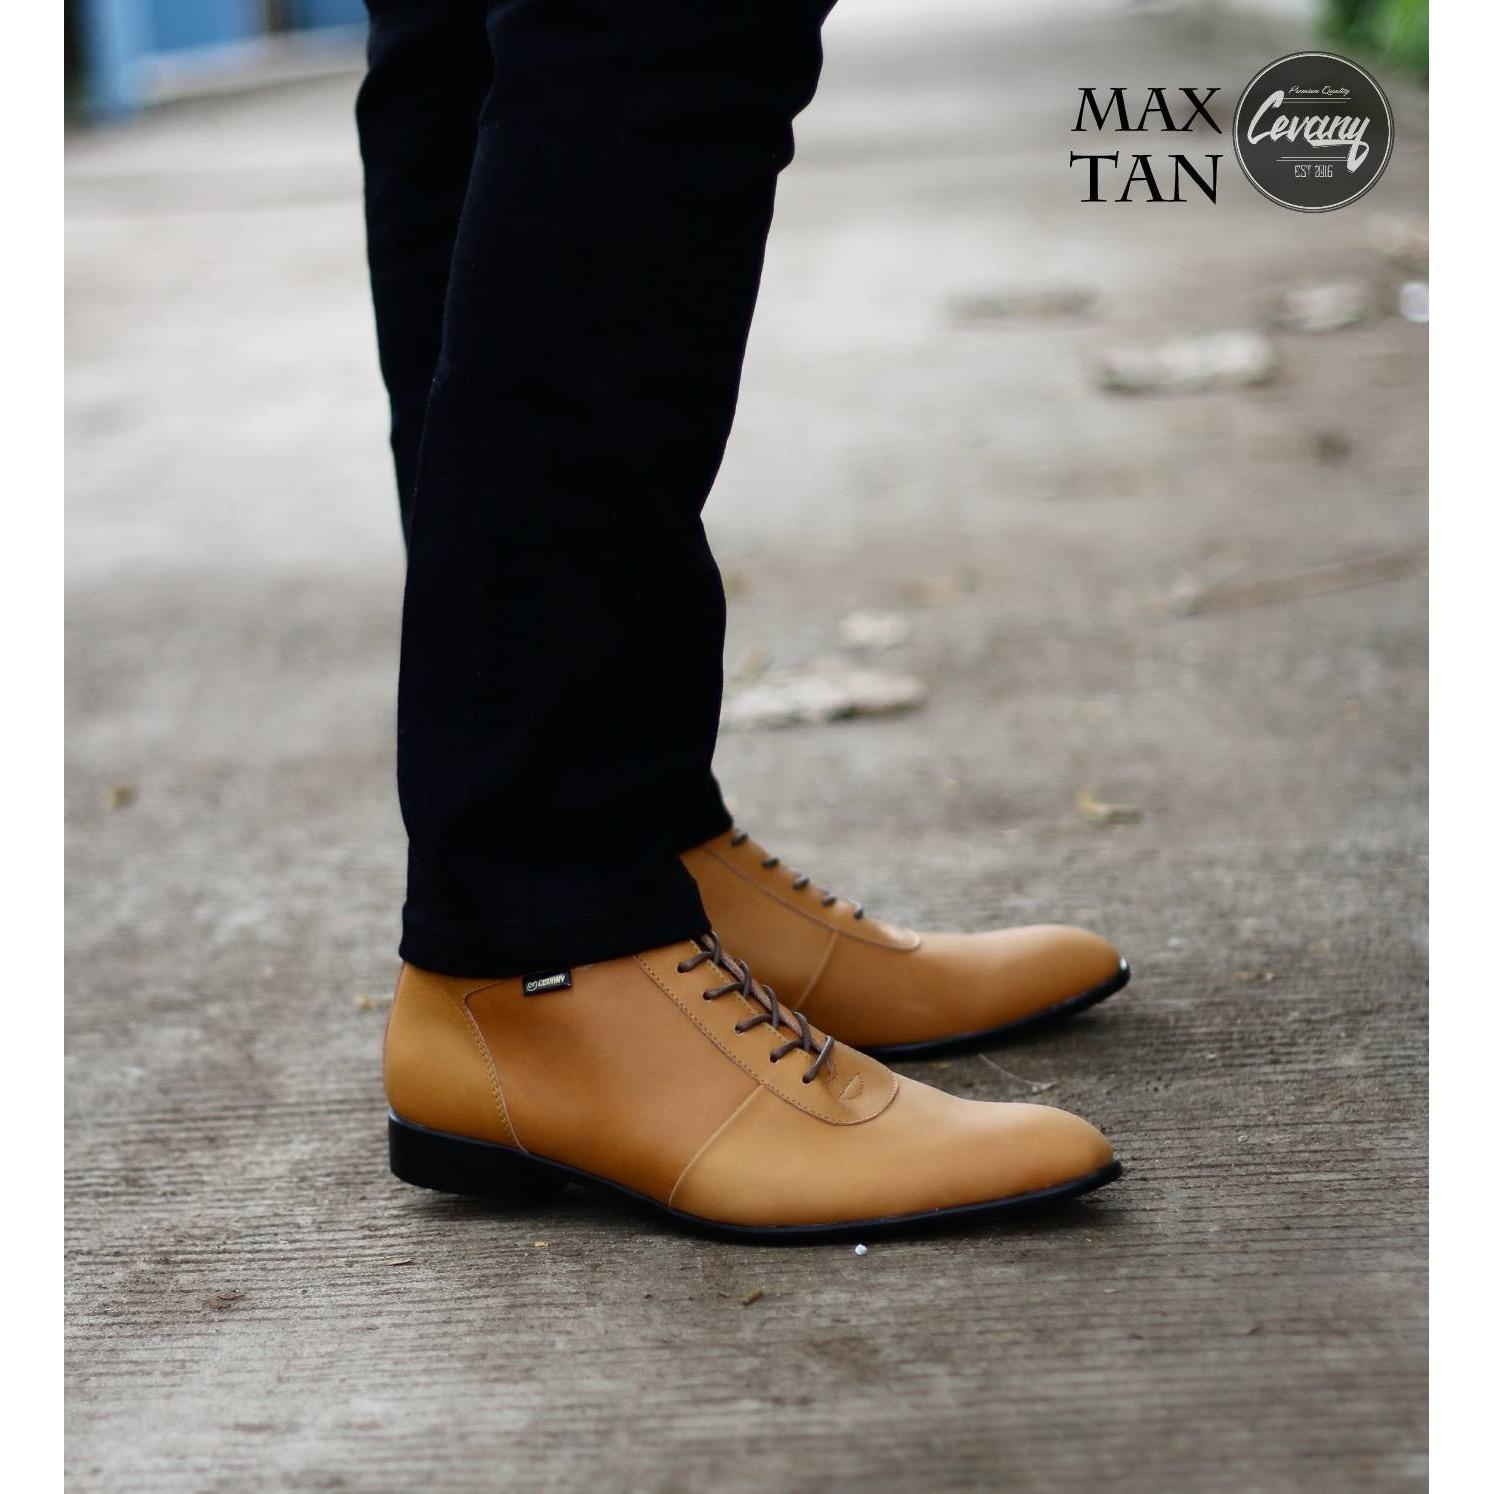 Sepatu pantofel Pria Kulit sapi - Sepatu formal kerja Kantor - sepatu wedding - sepatu wisuda